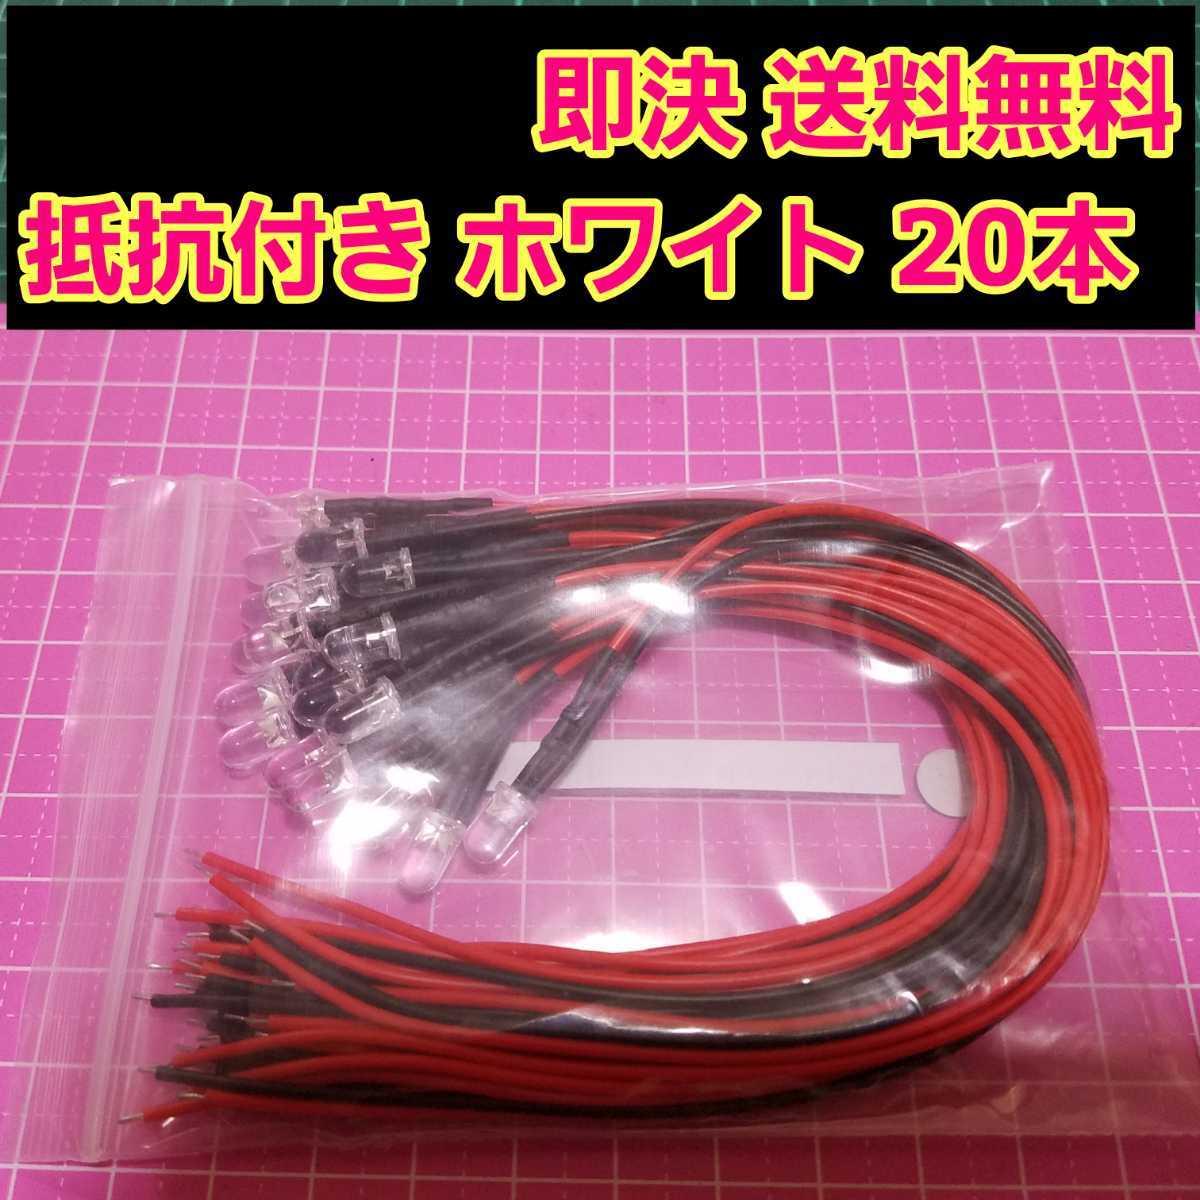 即決《送料無料》 LED 20本 セット ホワイト        ラジコン 電飾 電装 ボディ ドリフト tt01 tt02 ドリパケ YD-2